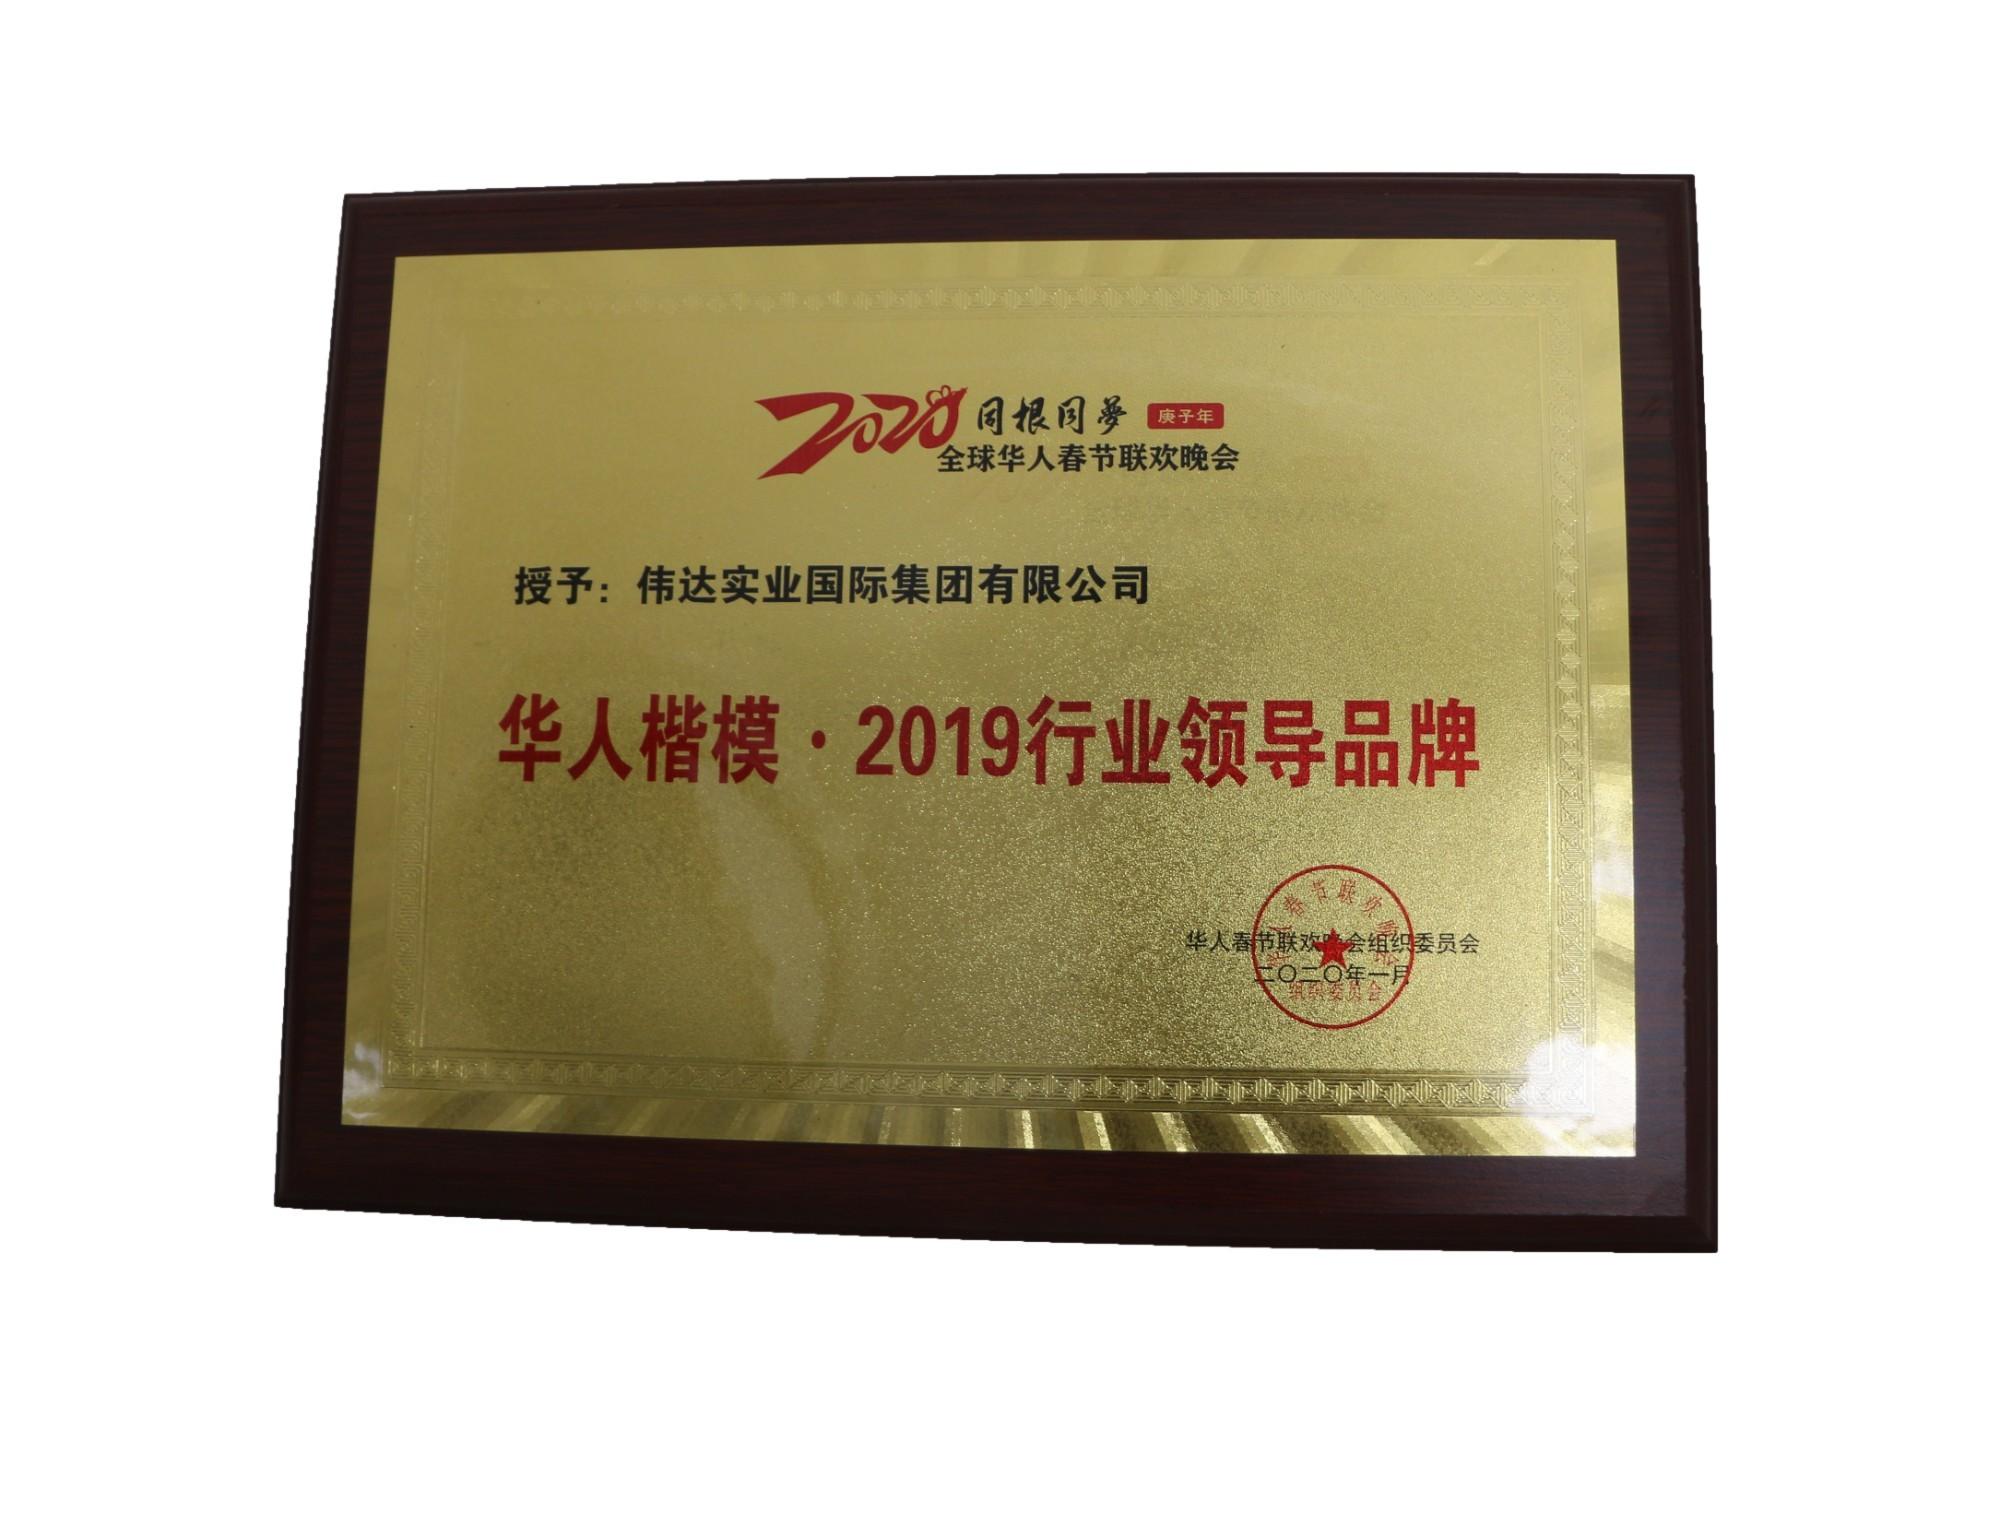 鍾偉馨博士榮獲 2019 行業領導品牌大獎